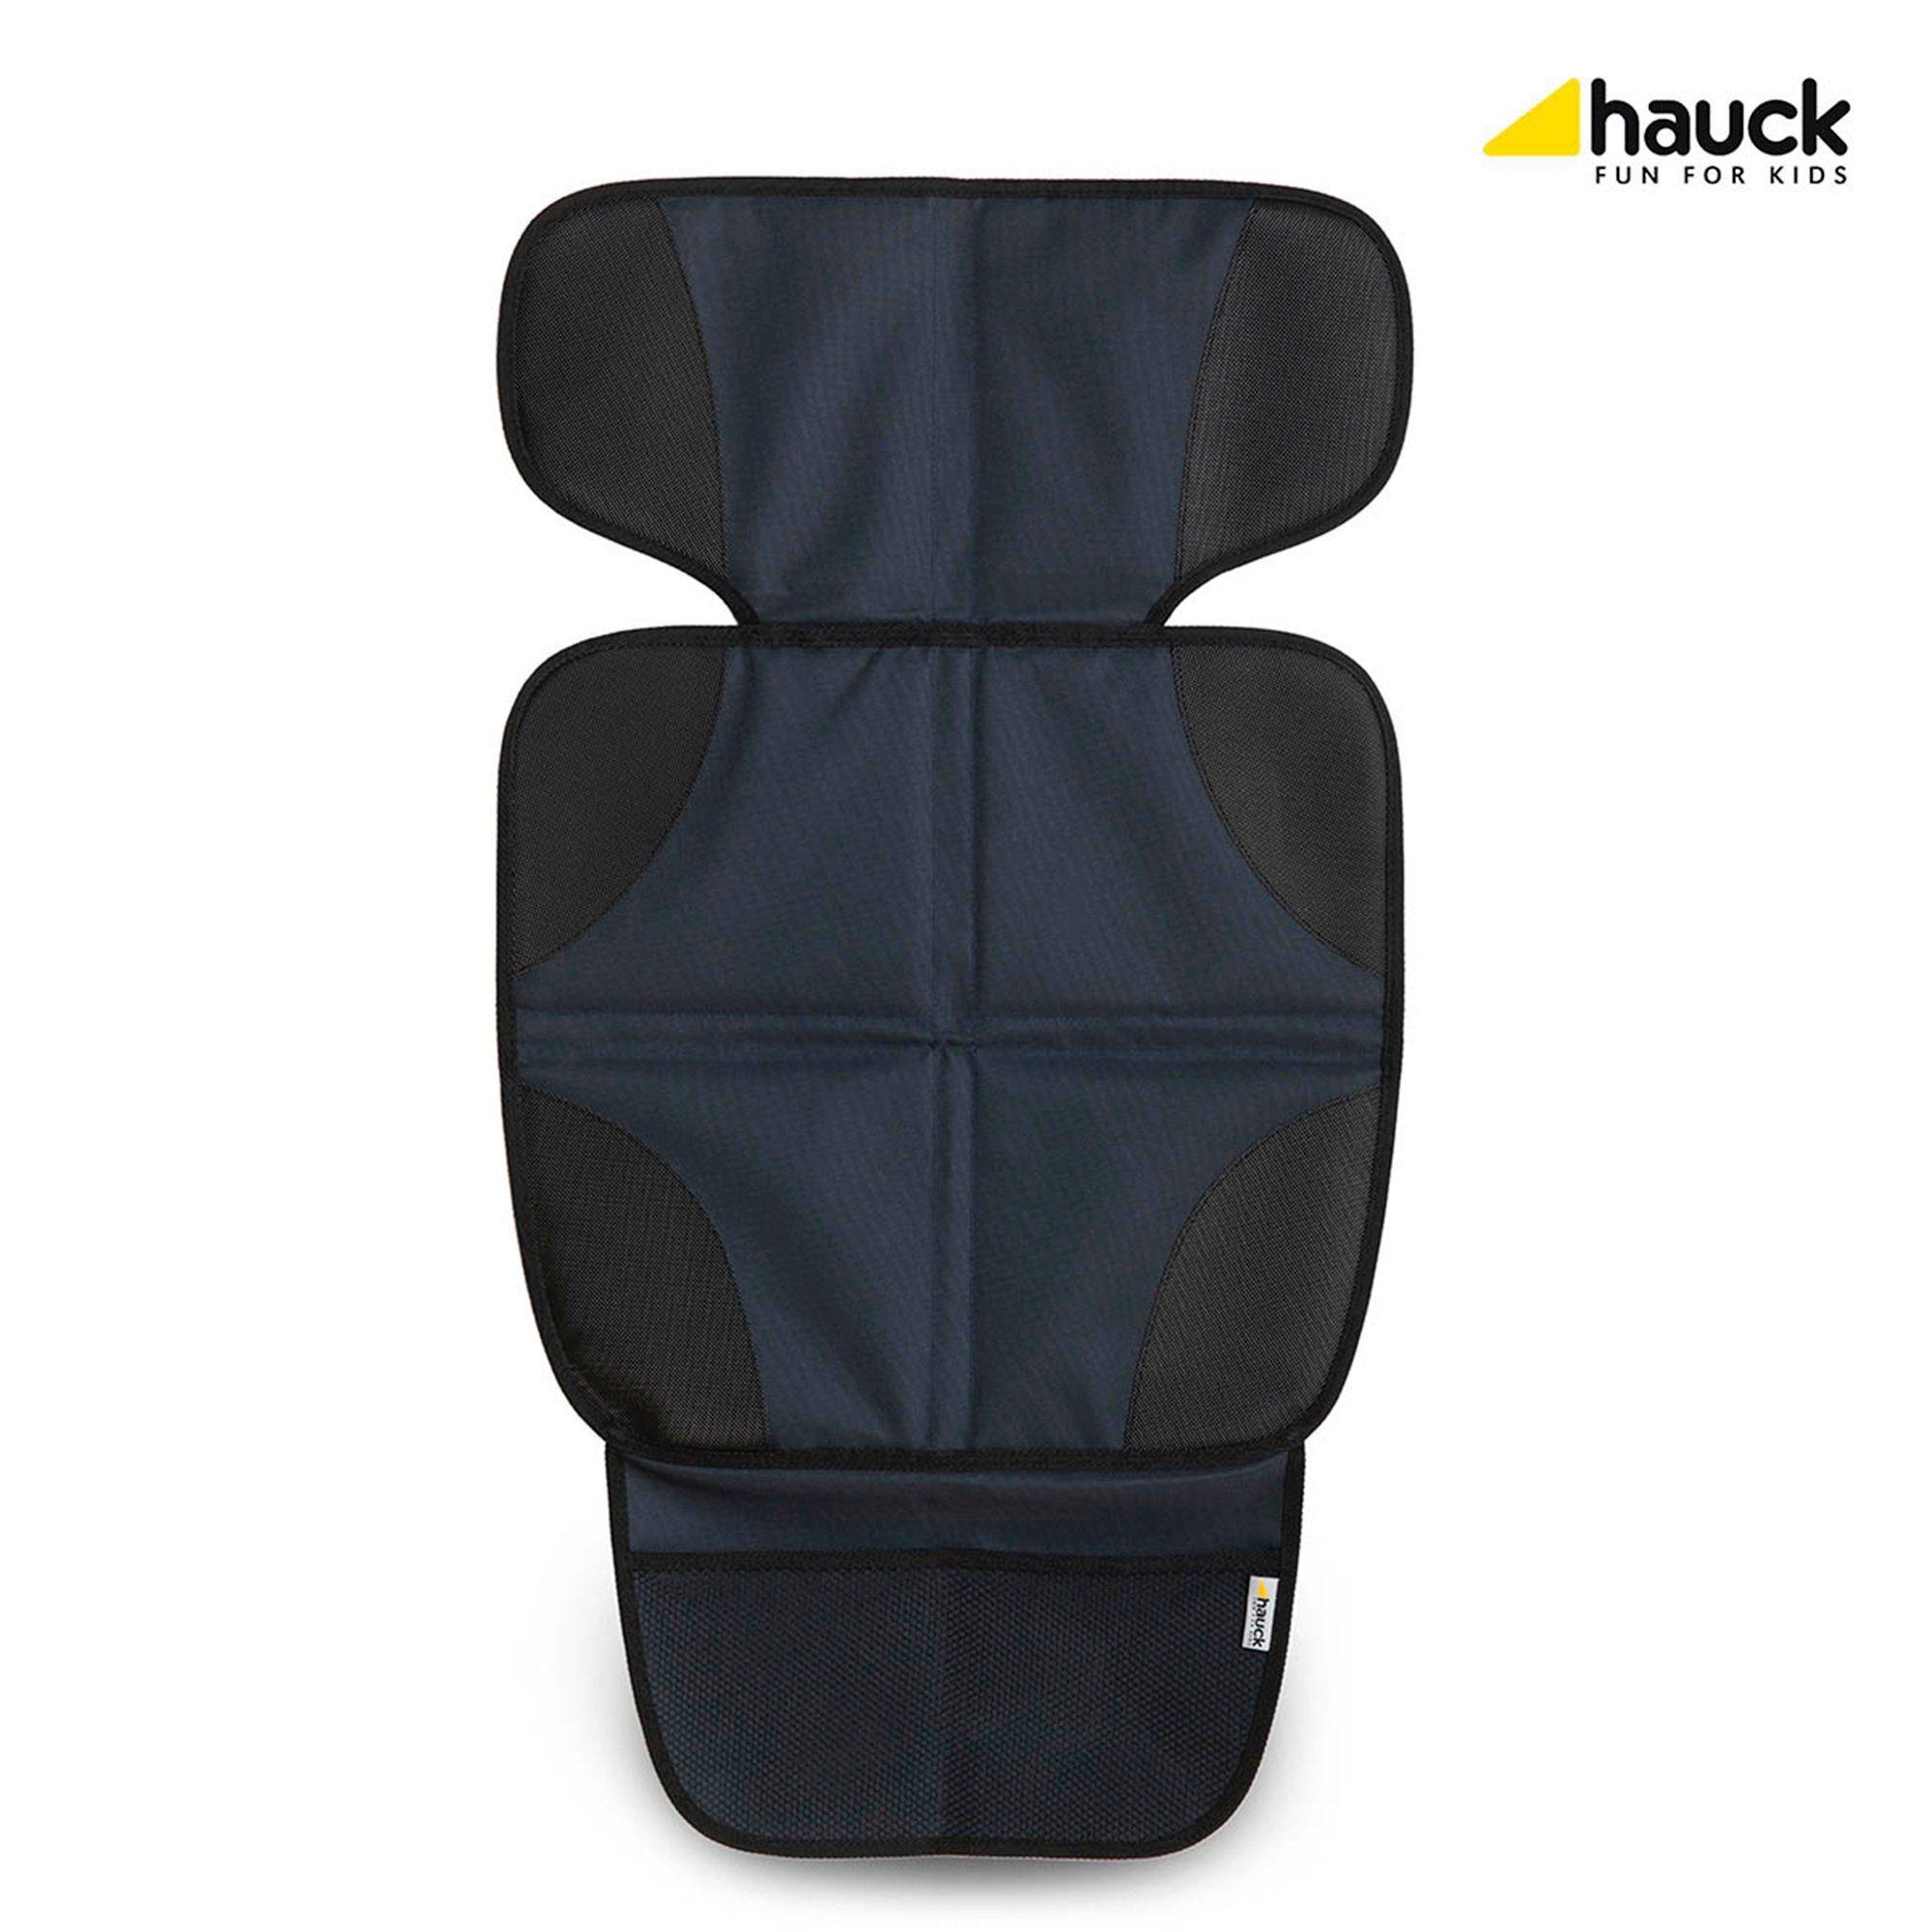 HAUCK Rückenlehnenschutz Sit on Me easy